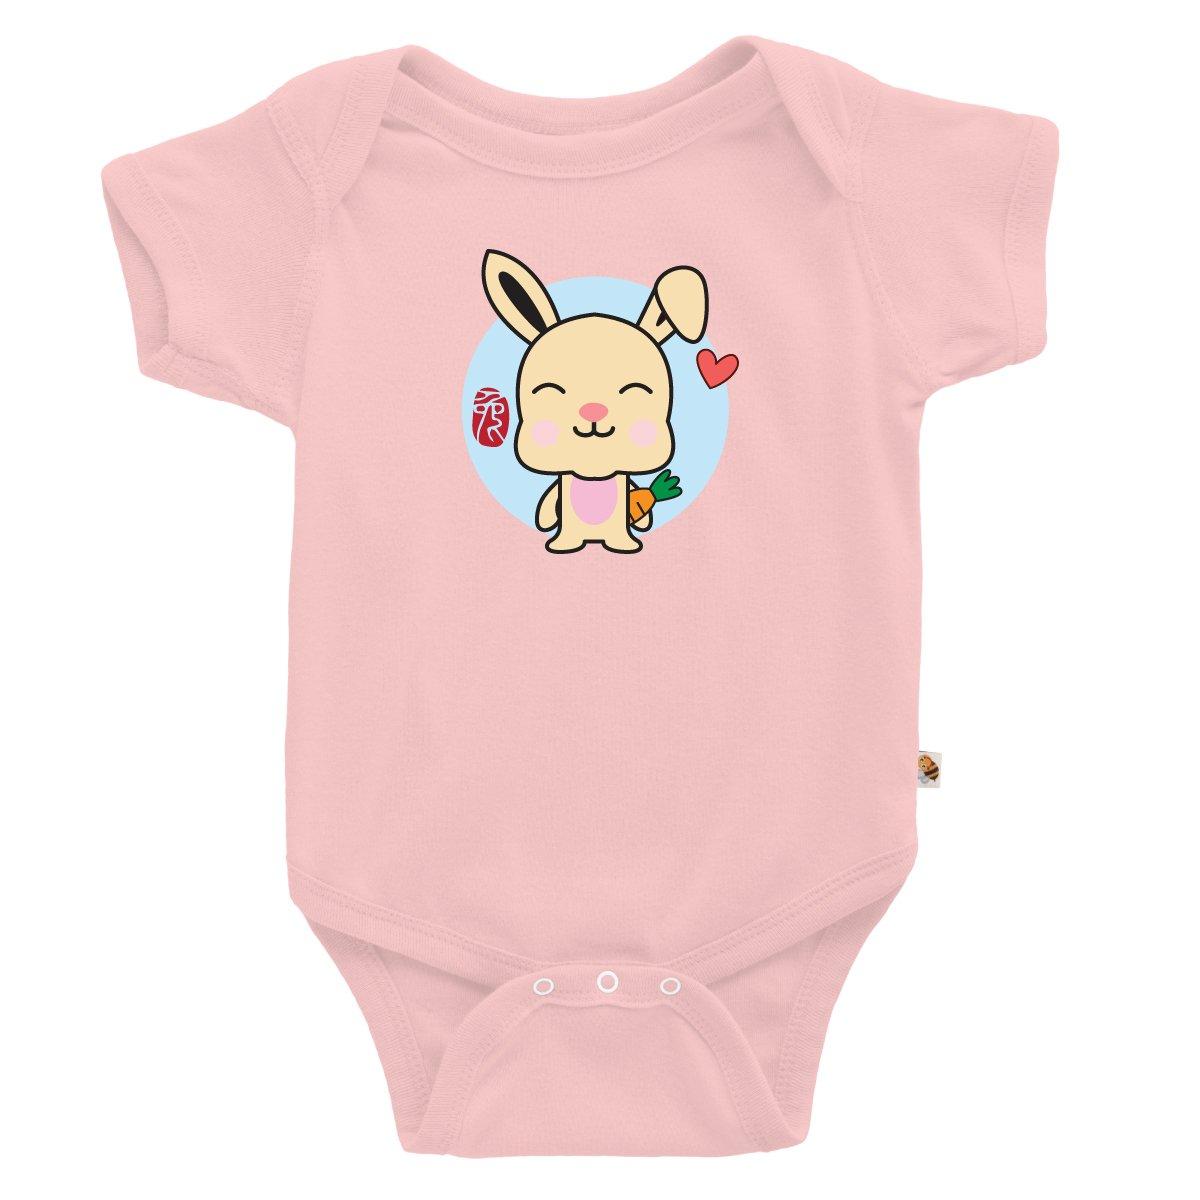 TeezBee Baby Year of The Rabbit Cute Chinese Zodiac Onesie